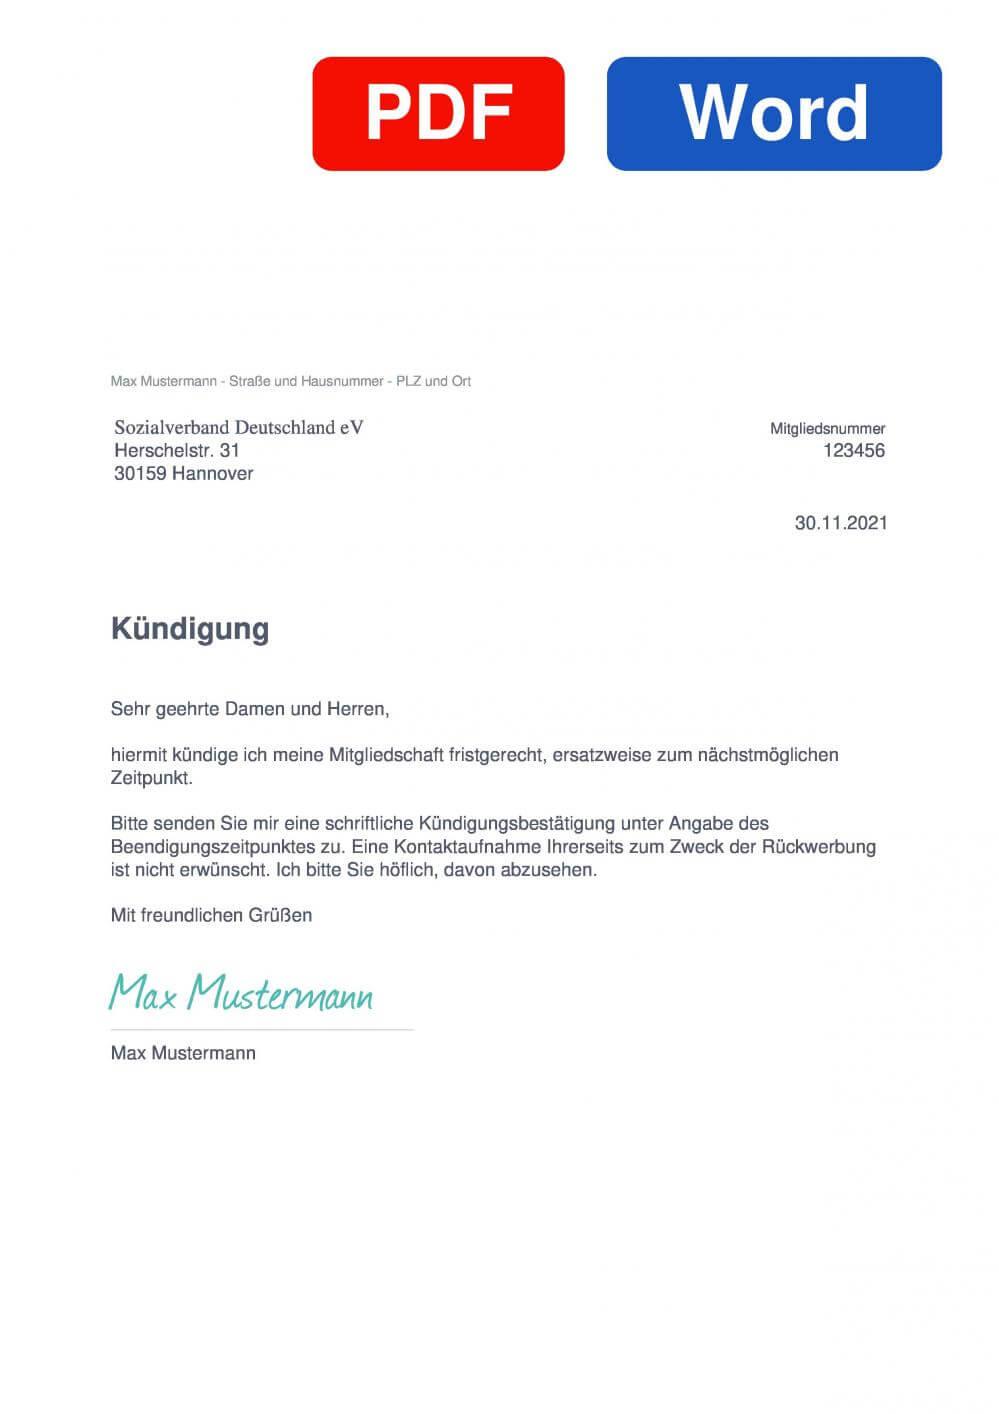 Sozialverband Hildesheim Muster Vorlage für Kündigungsschreiben